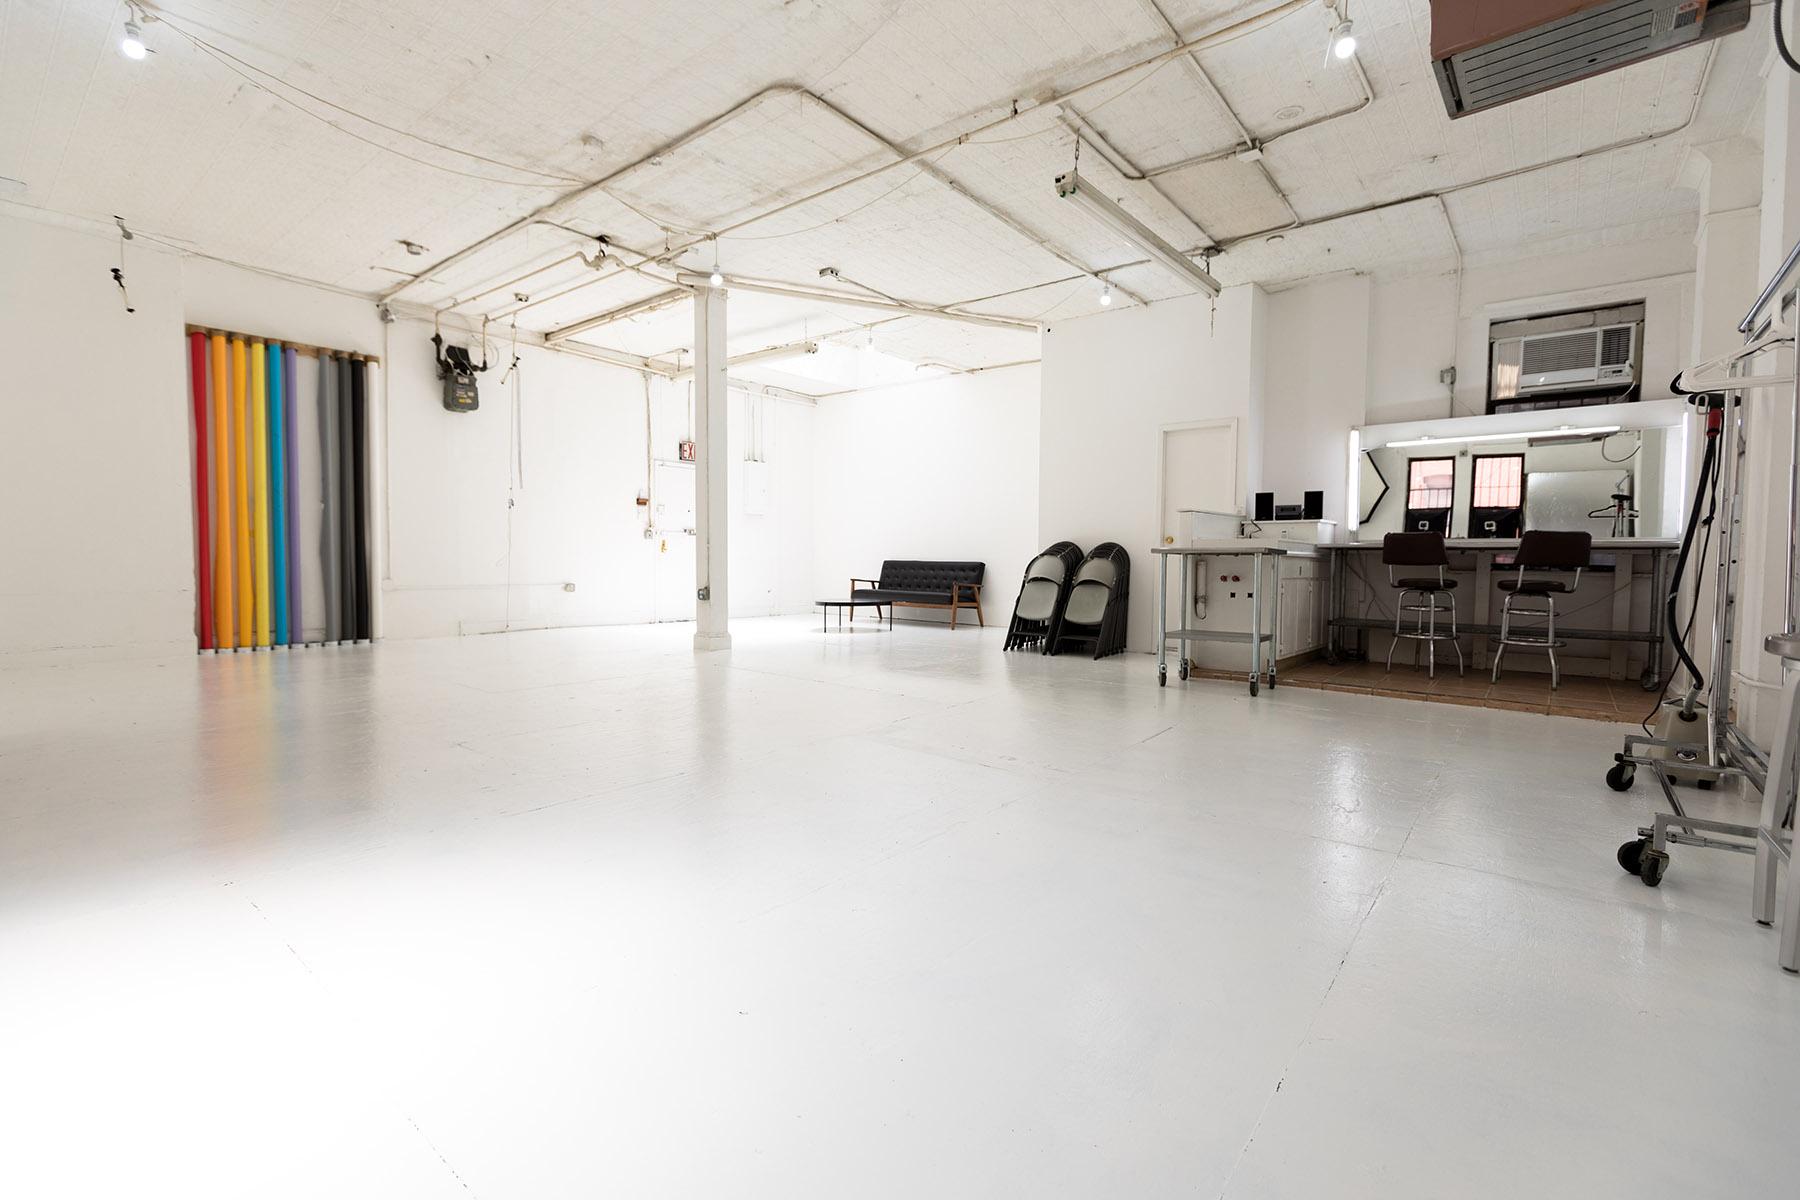 Michael's SoHo Studio